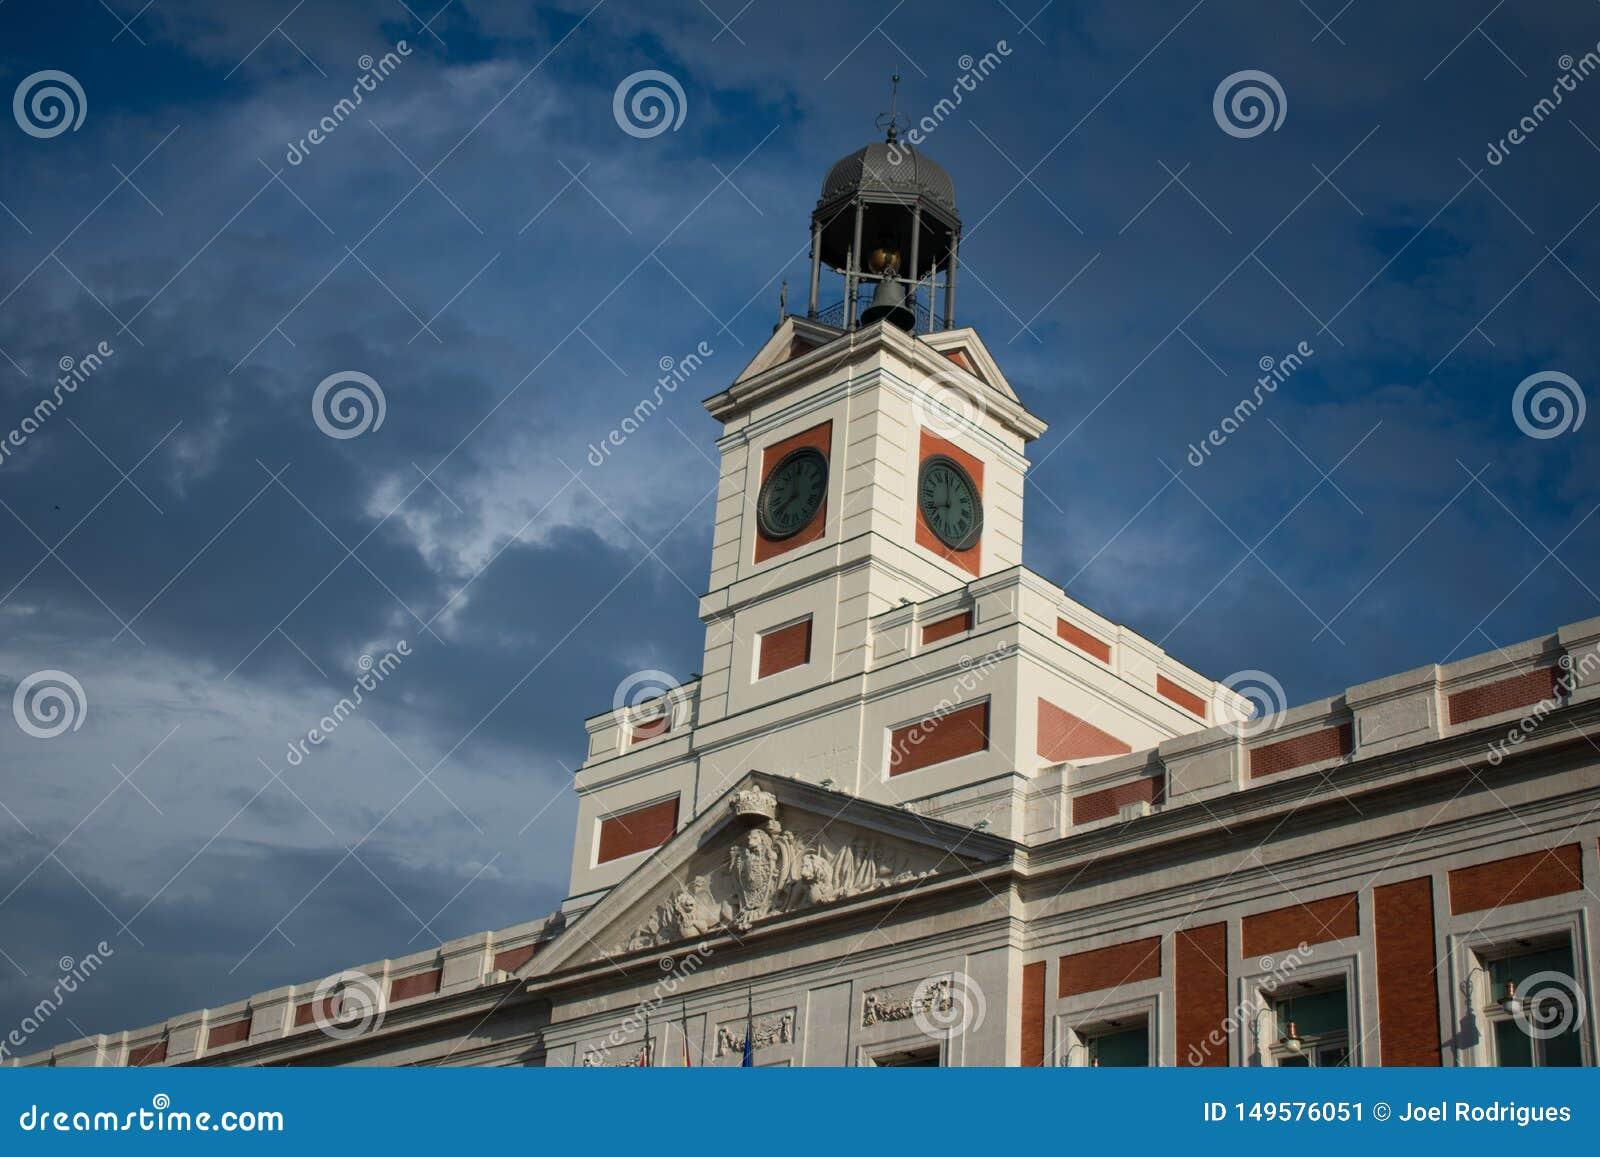 Πύργος του δημοτικού σκούρο μπλε ουρανού κτηρίου της Μαδρίτης πάλι